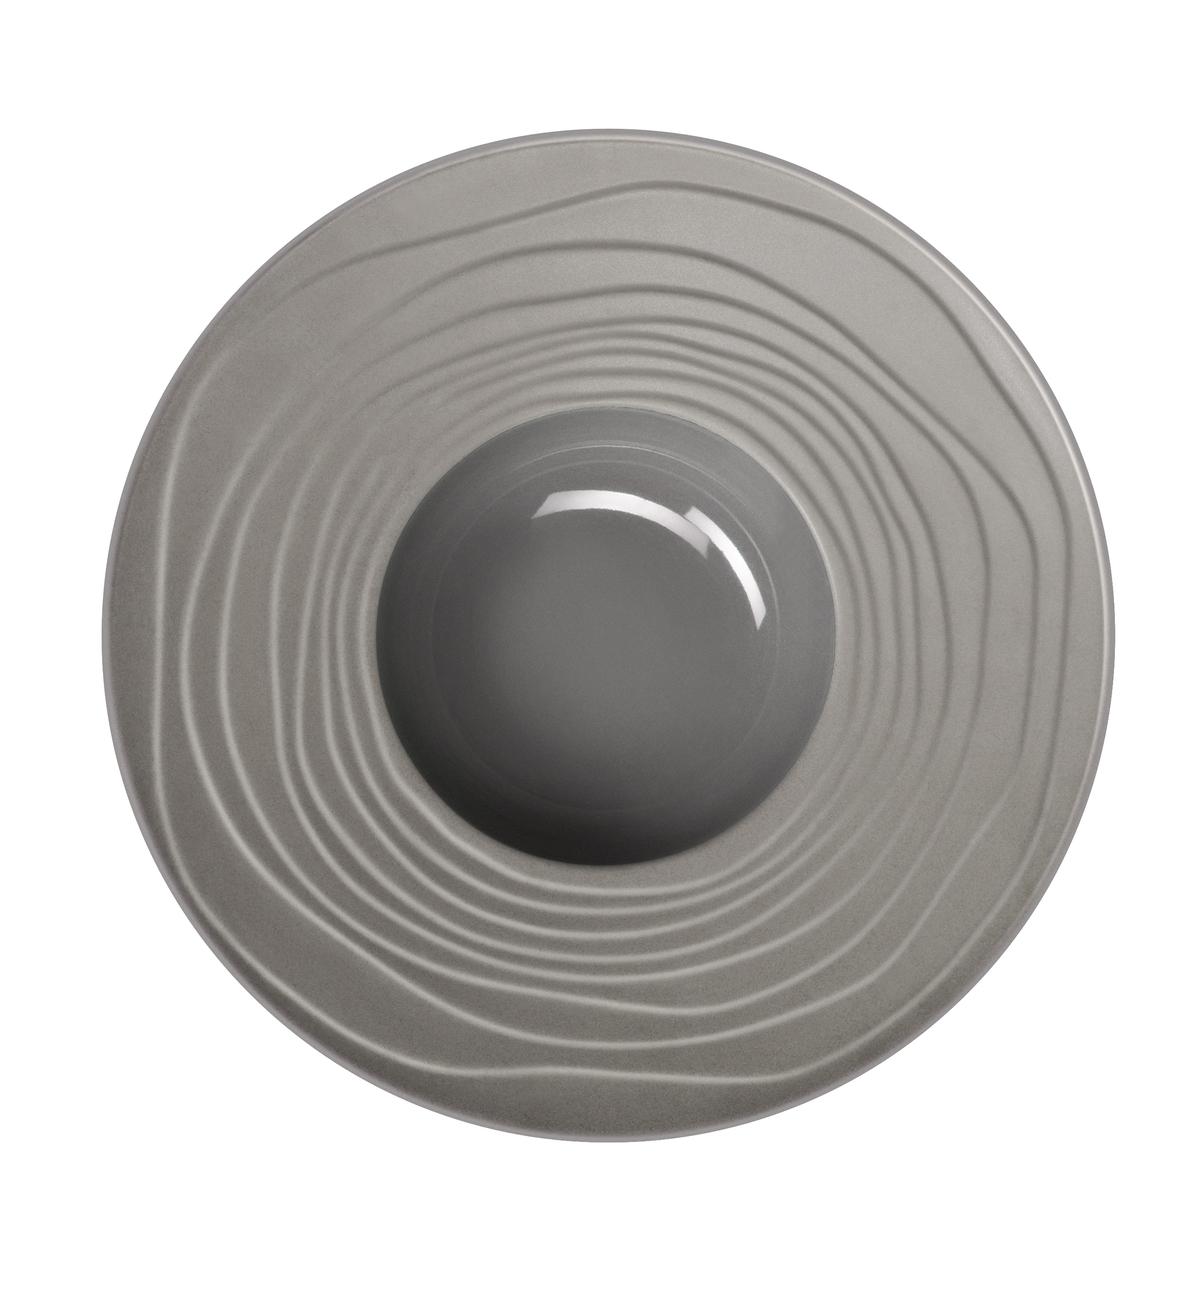 Assiette à pâtes ronde gris grès Ø 28 cm Escale Medard De Noblat